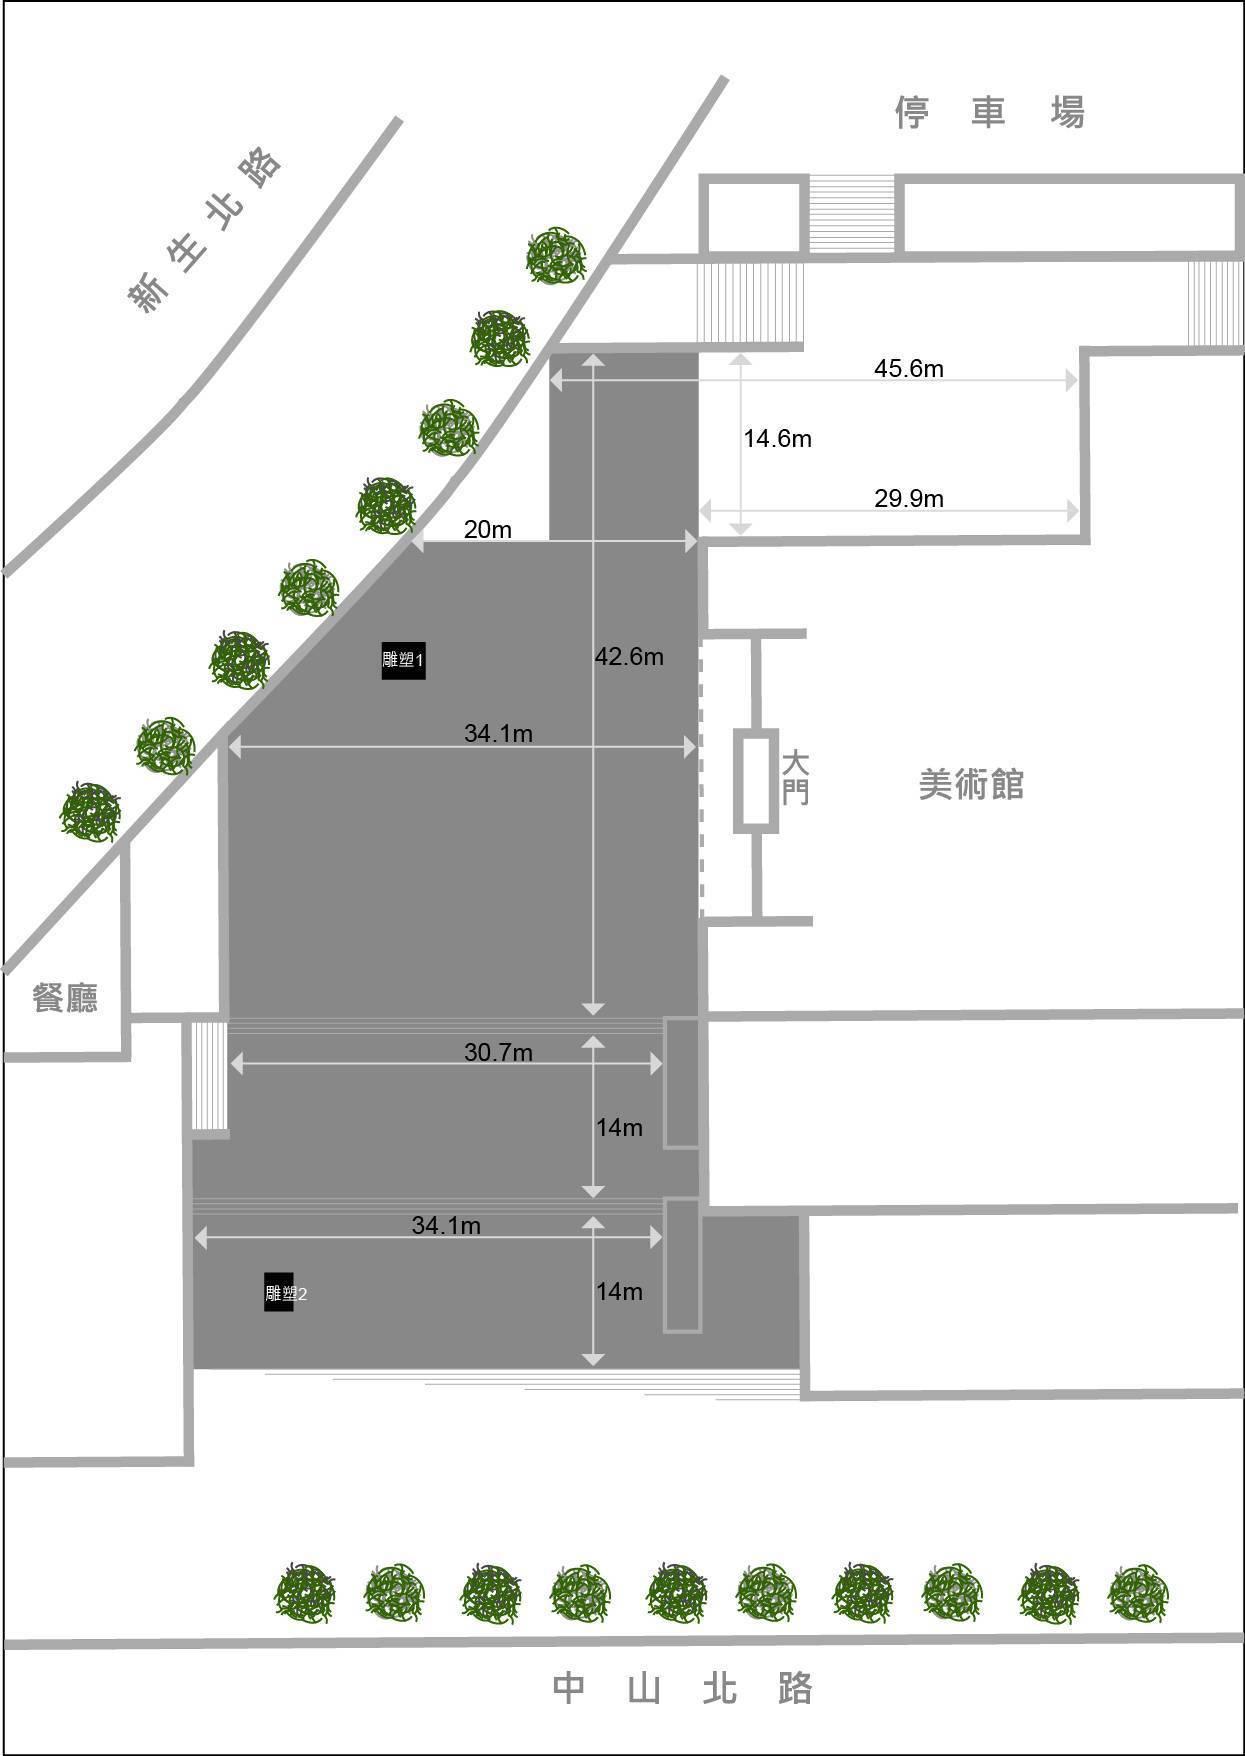 2019 X-site徵件 廣場平面尺寸圖。